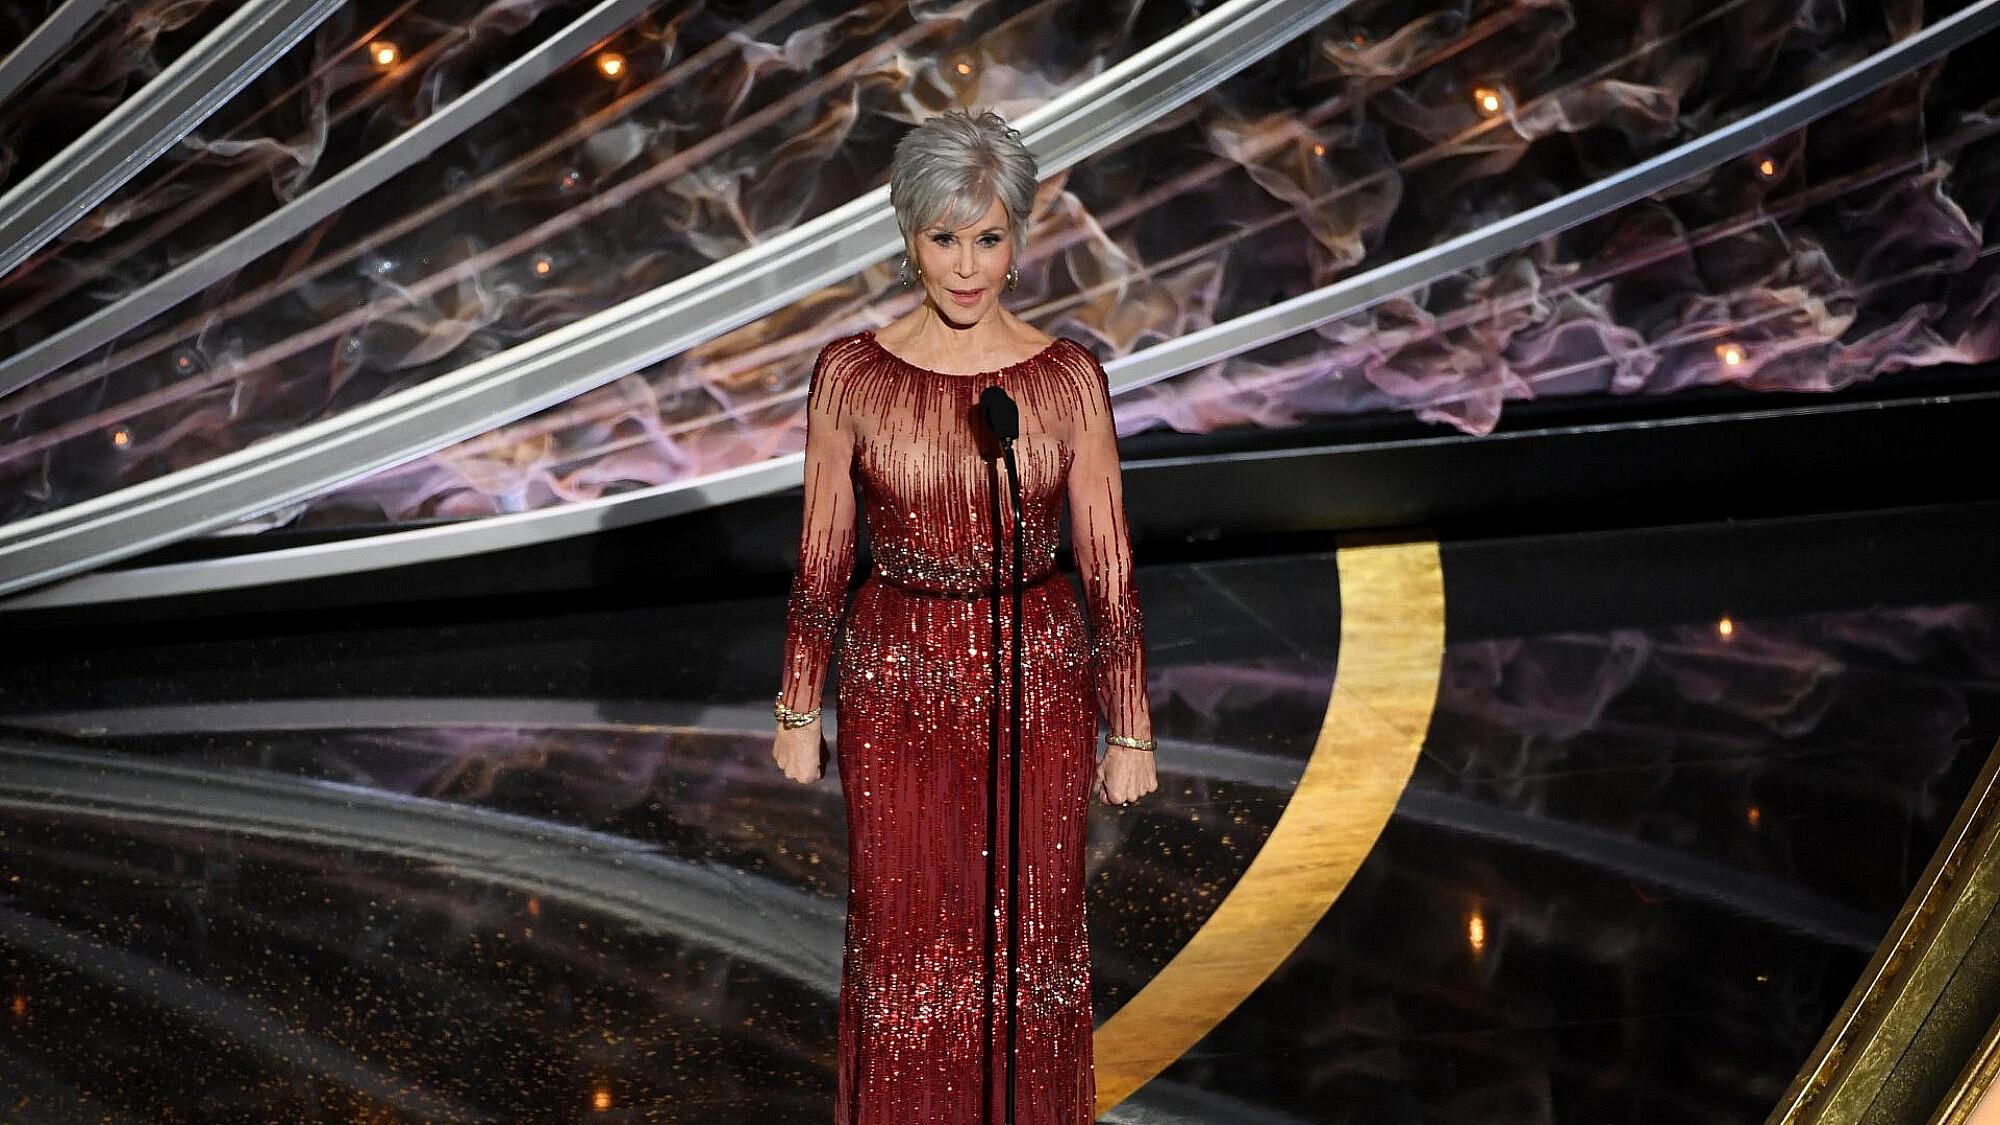 ג/'יין פונדה בטקס האוסקר האחרון   צילום: Kevin Winter/Getty Images